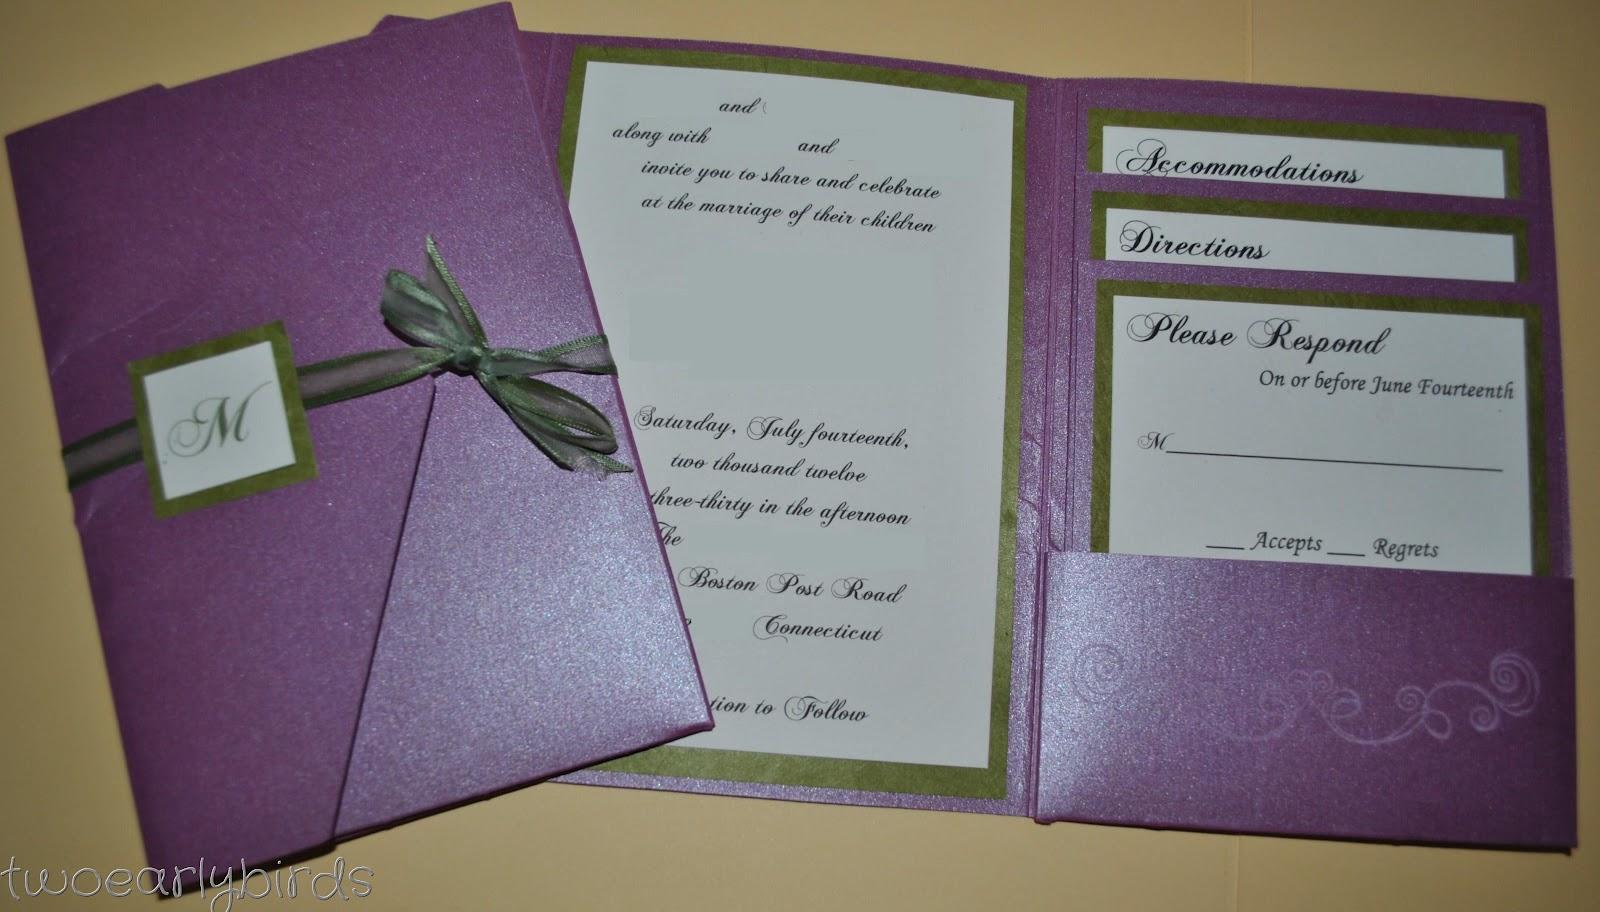 Fold Wedding Invitations: Two Early Birds: A Wedding Invitation